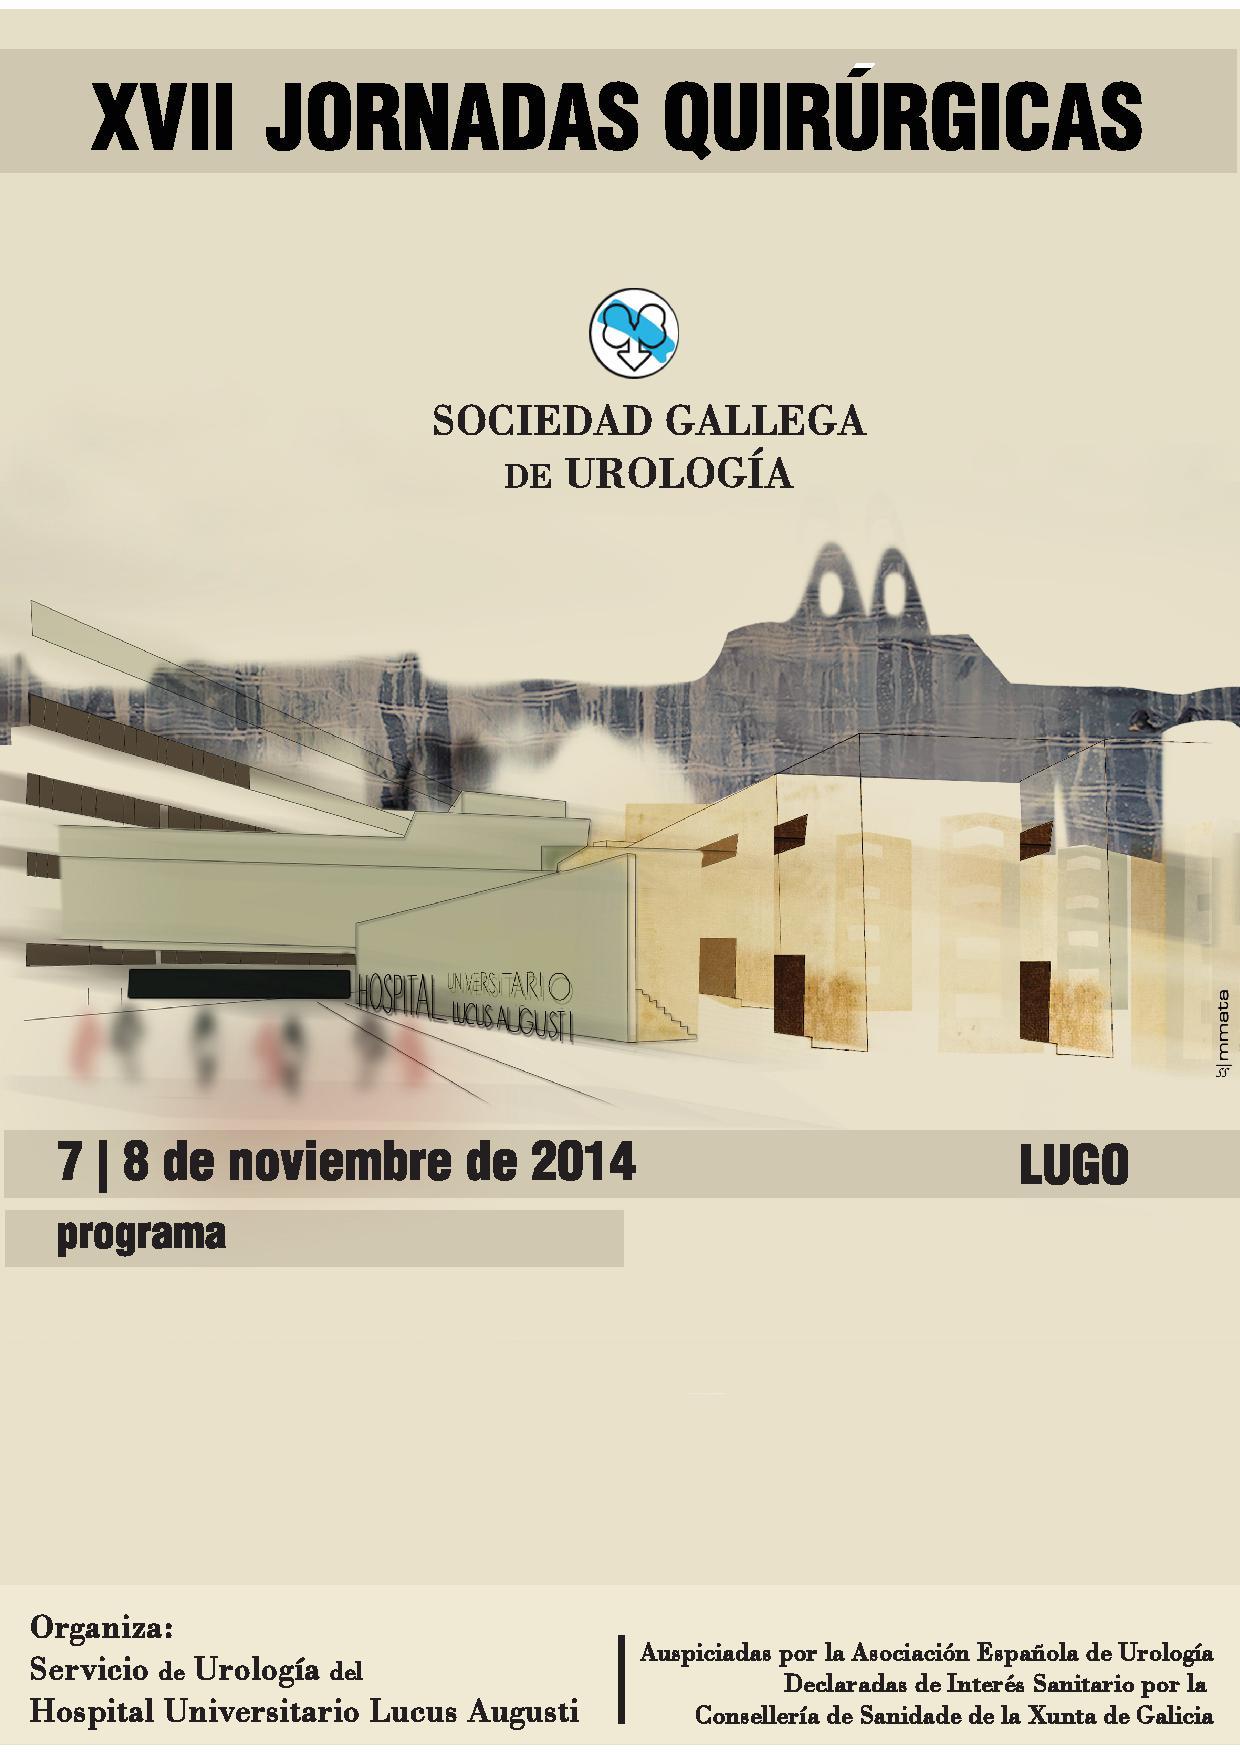 XVII JORNADAS QUIRÚRGICAS DE LA SOCIEDAD GALLEGA DE UROLOGÍA